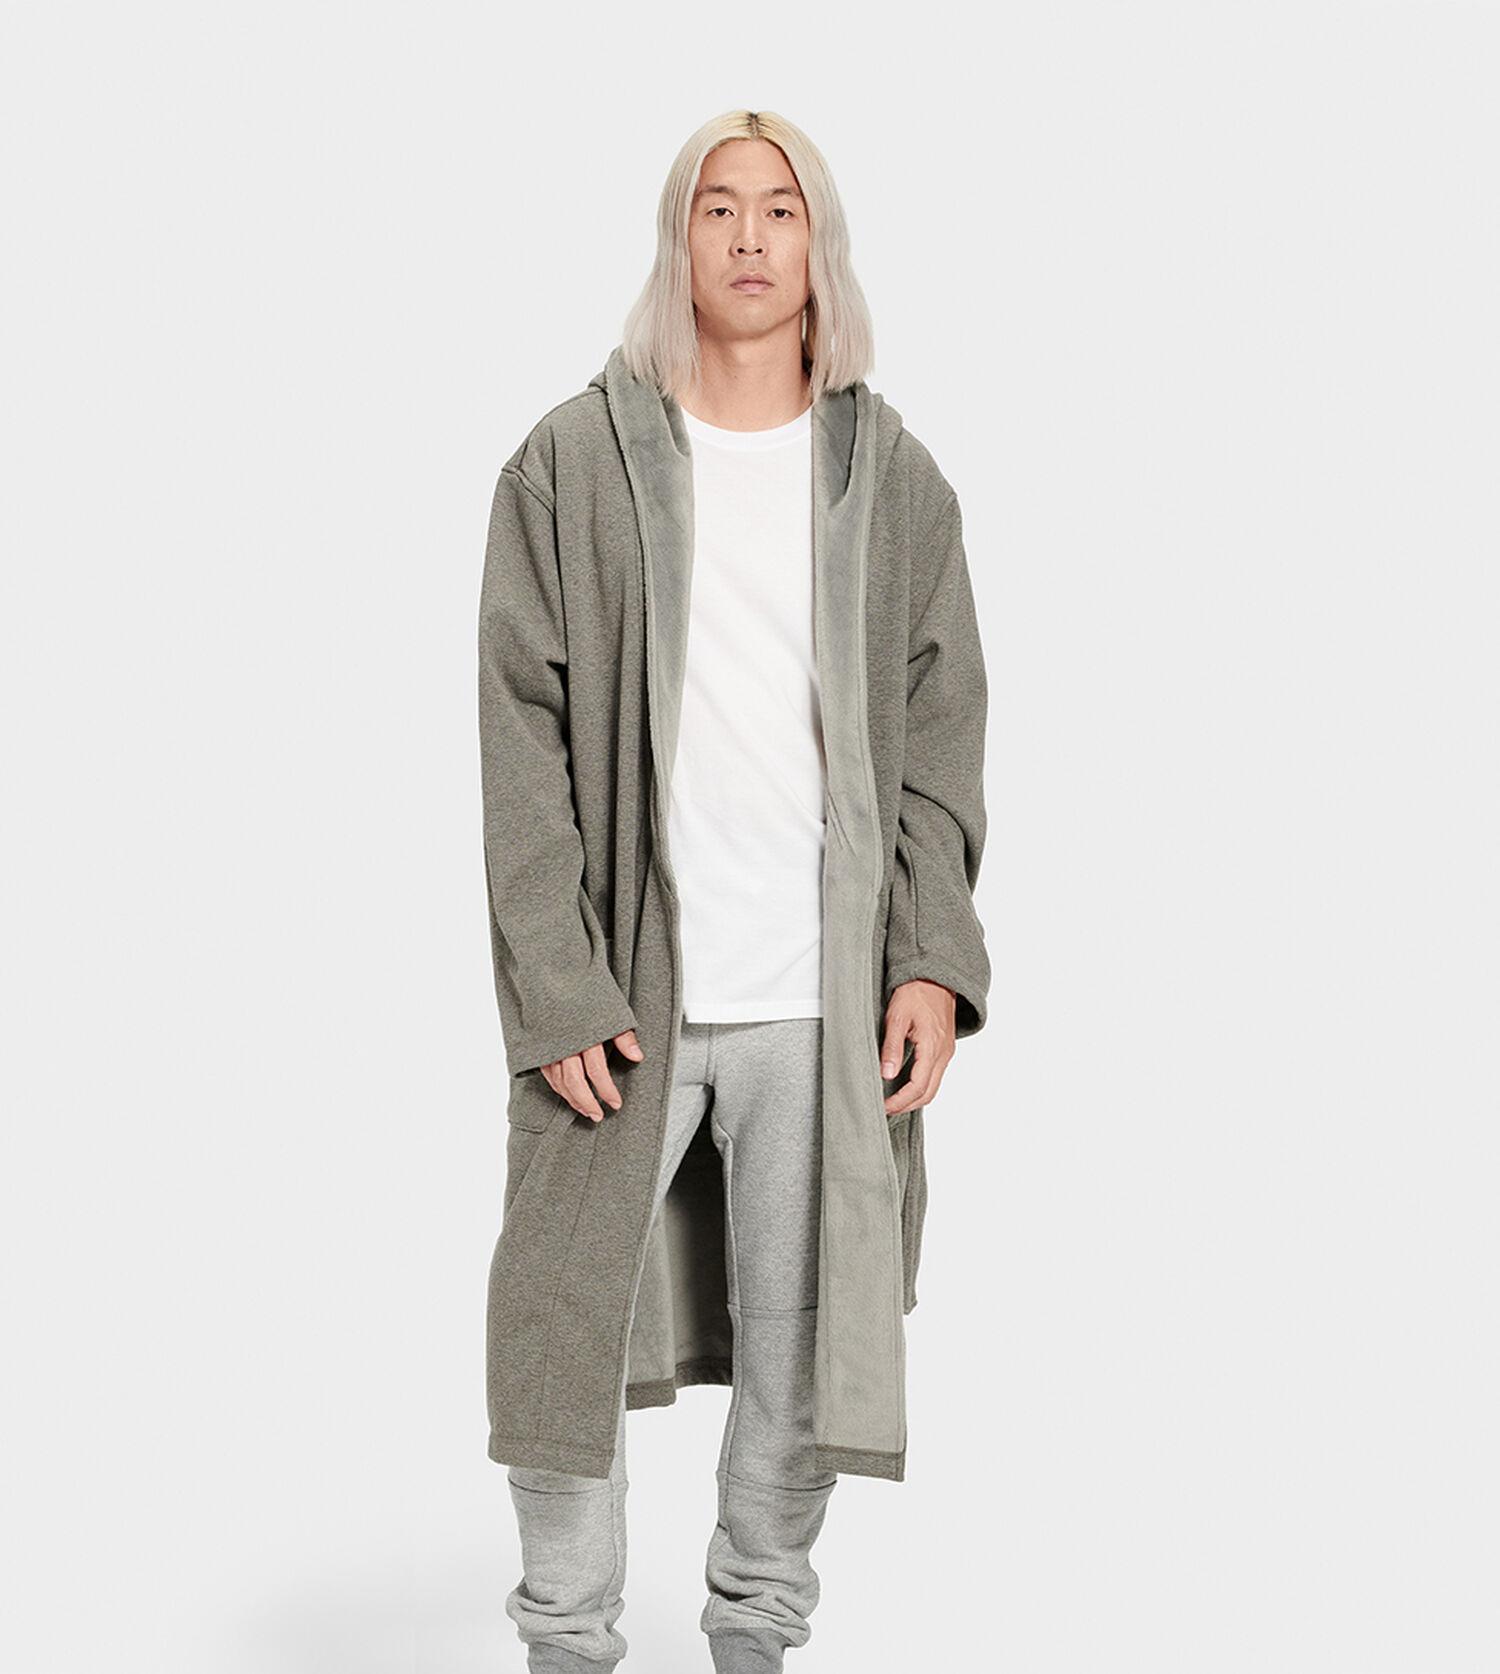 e7b342d15c0 Men's Share this product Brunswick Robe